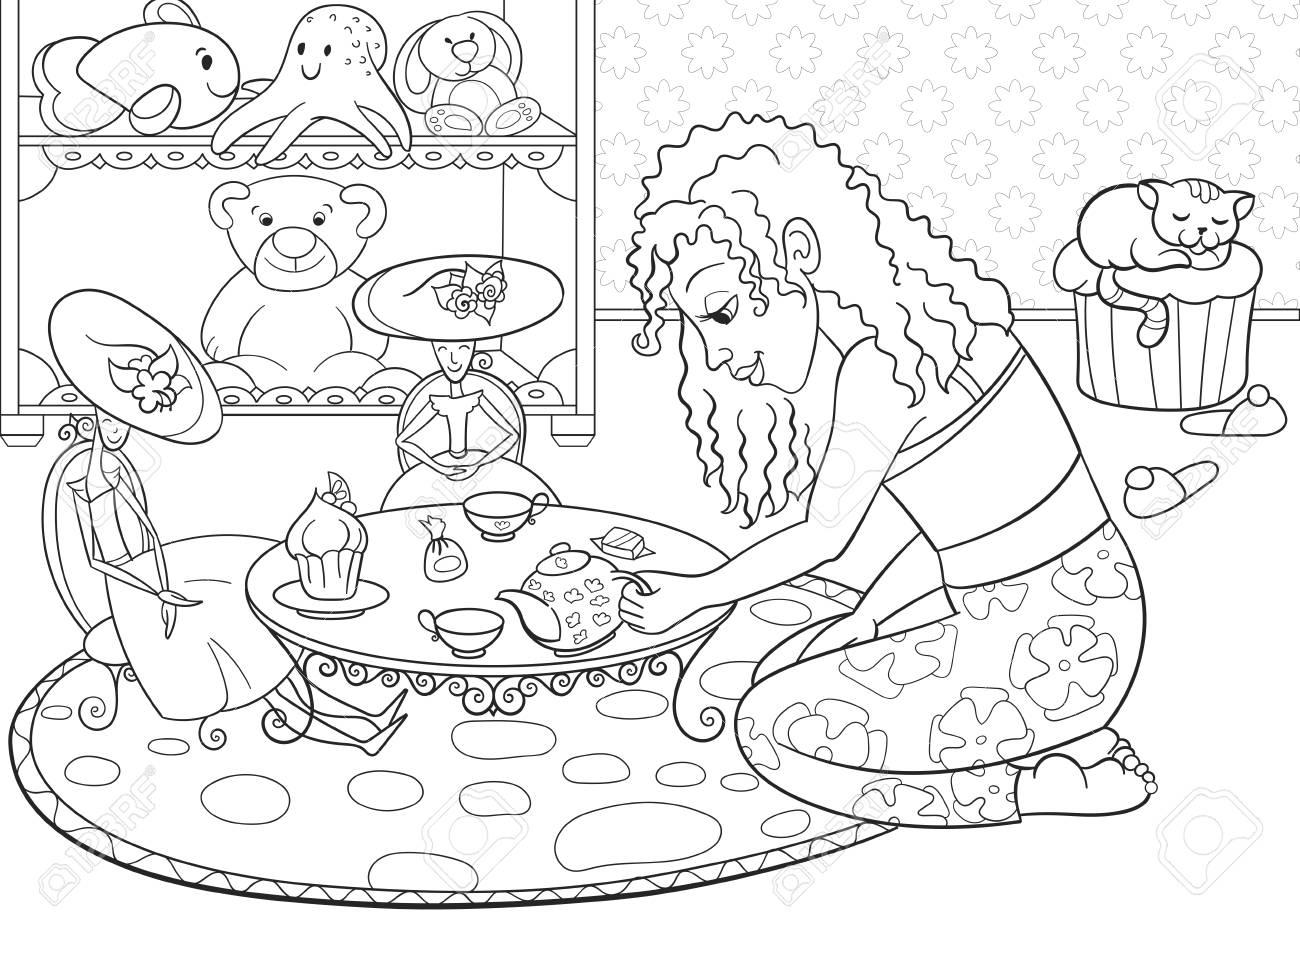 Les Enfants A Colorier Fille Vecteur Dans La Chambre Des Enfants Jouant Avec Des Poupees Clip Art Libres De Droits Vecteurs Et Illustration Image 74952145